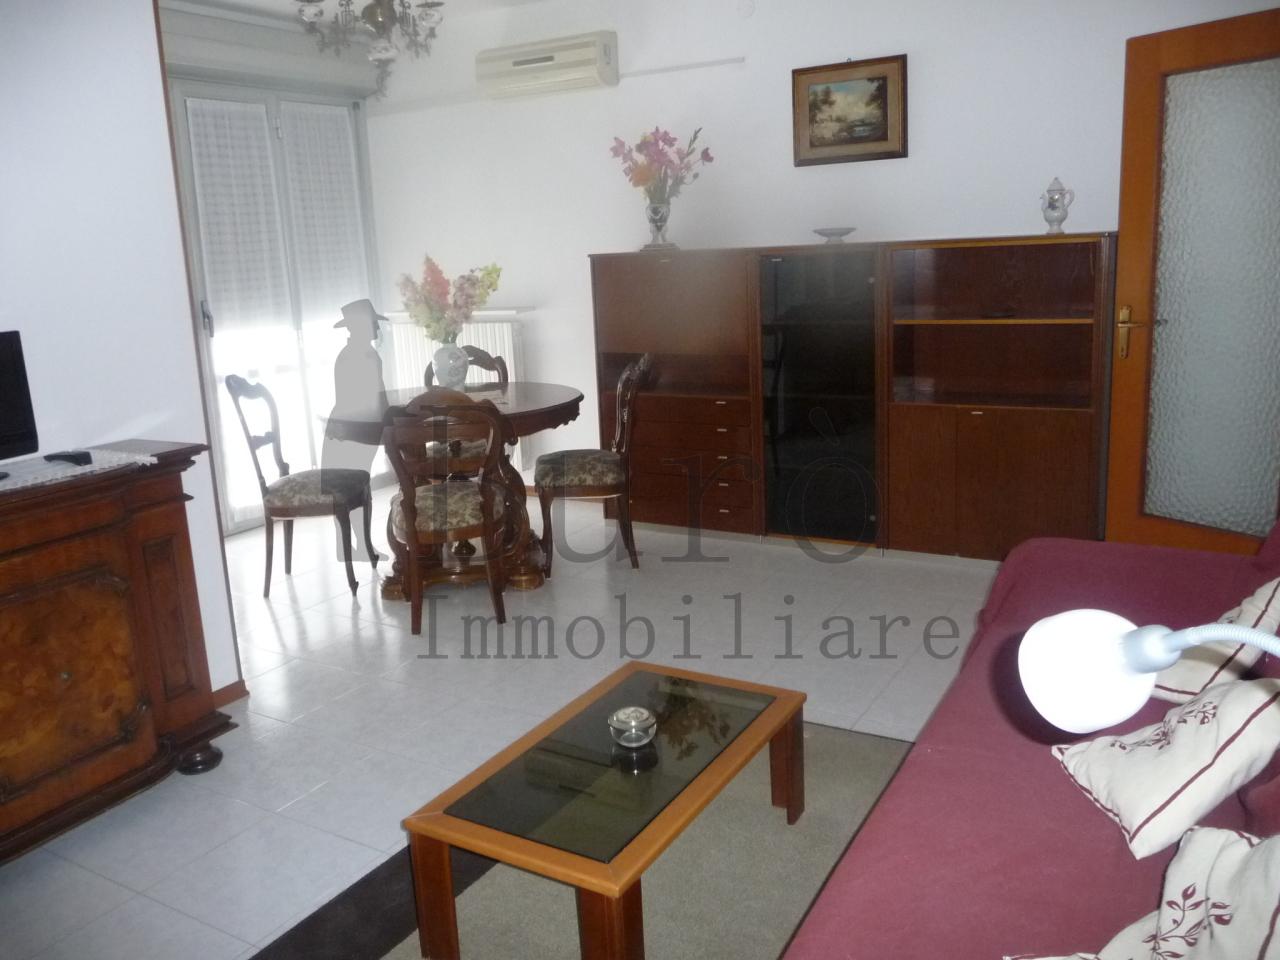 Appartamento in affitto a Torrile, 2 locali, prezzo € 420 | Cambio Casa.it